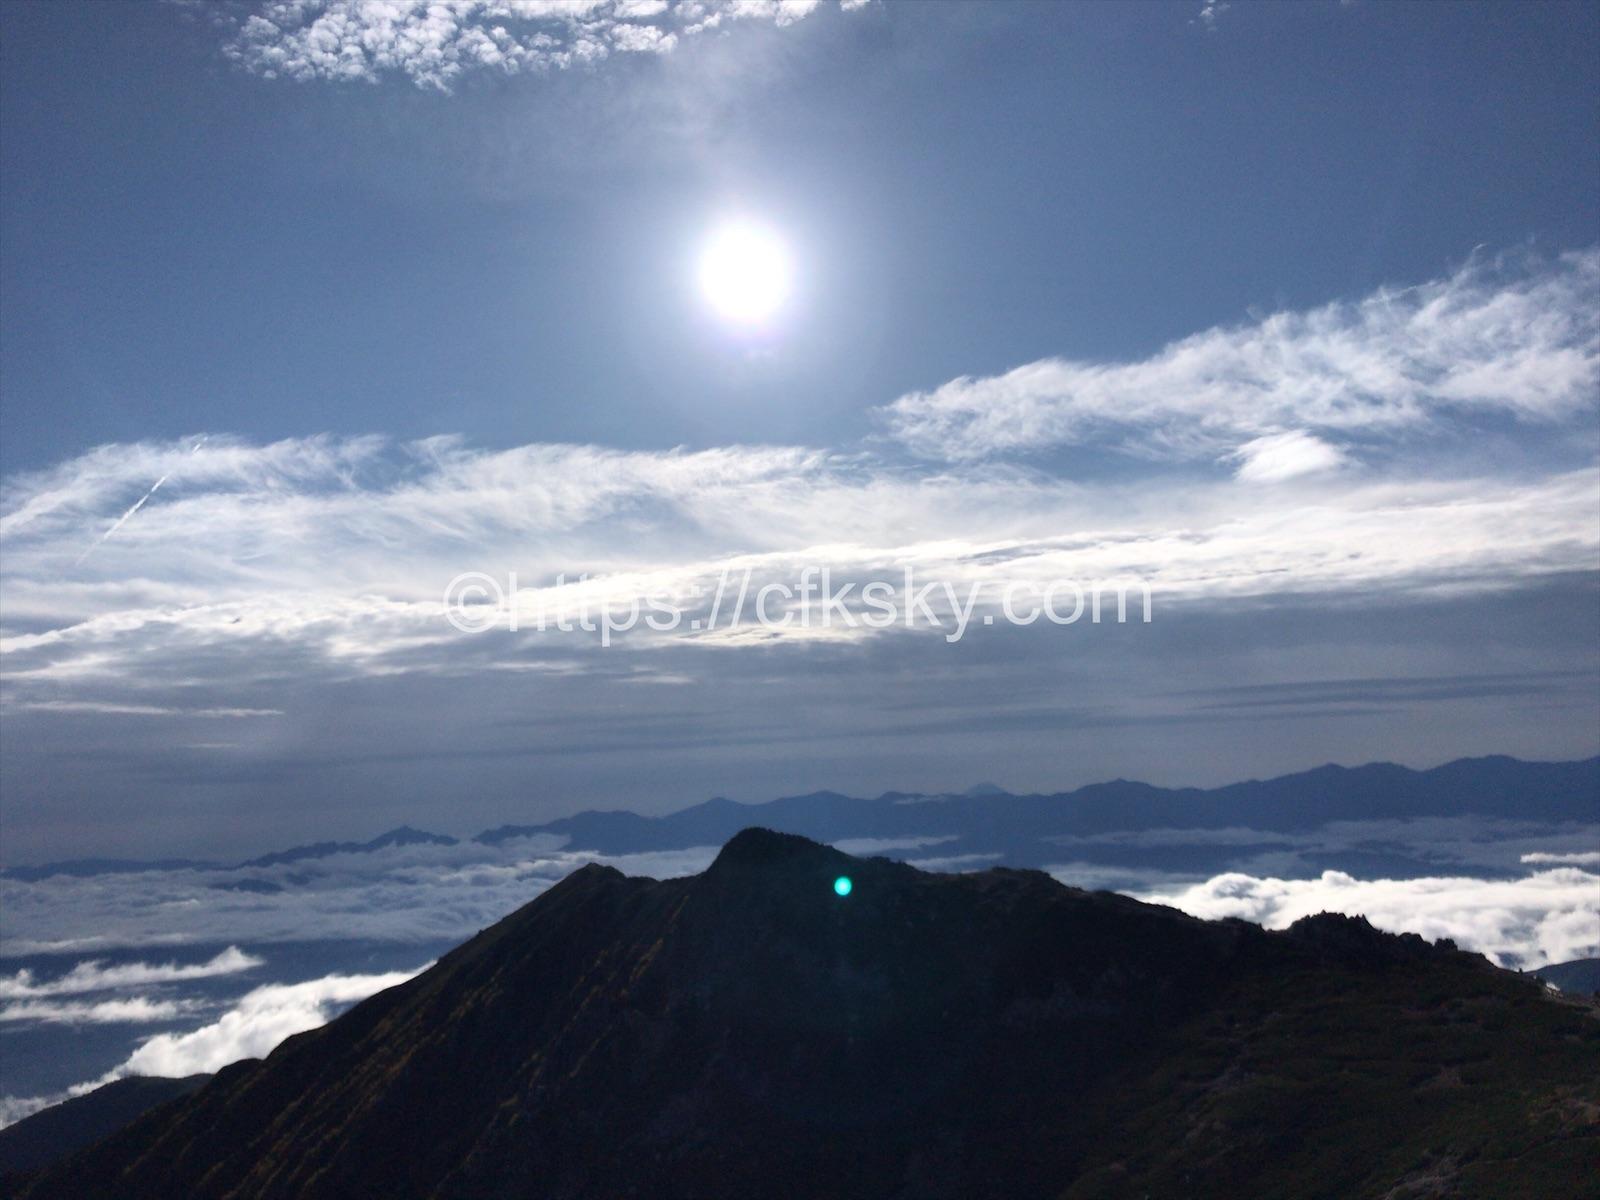 標高約3000メートルの絶景すぎる格安キャンプを楽しんできた